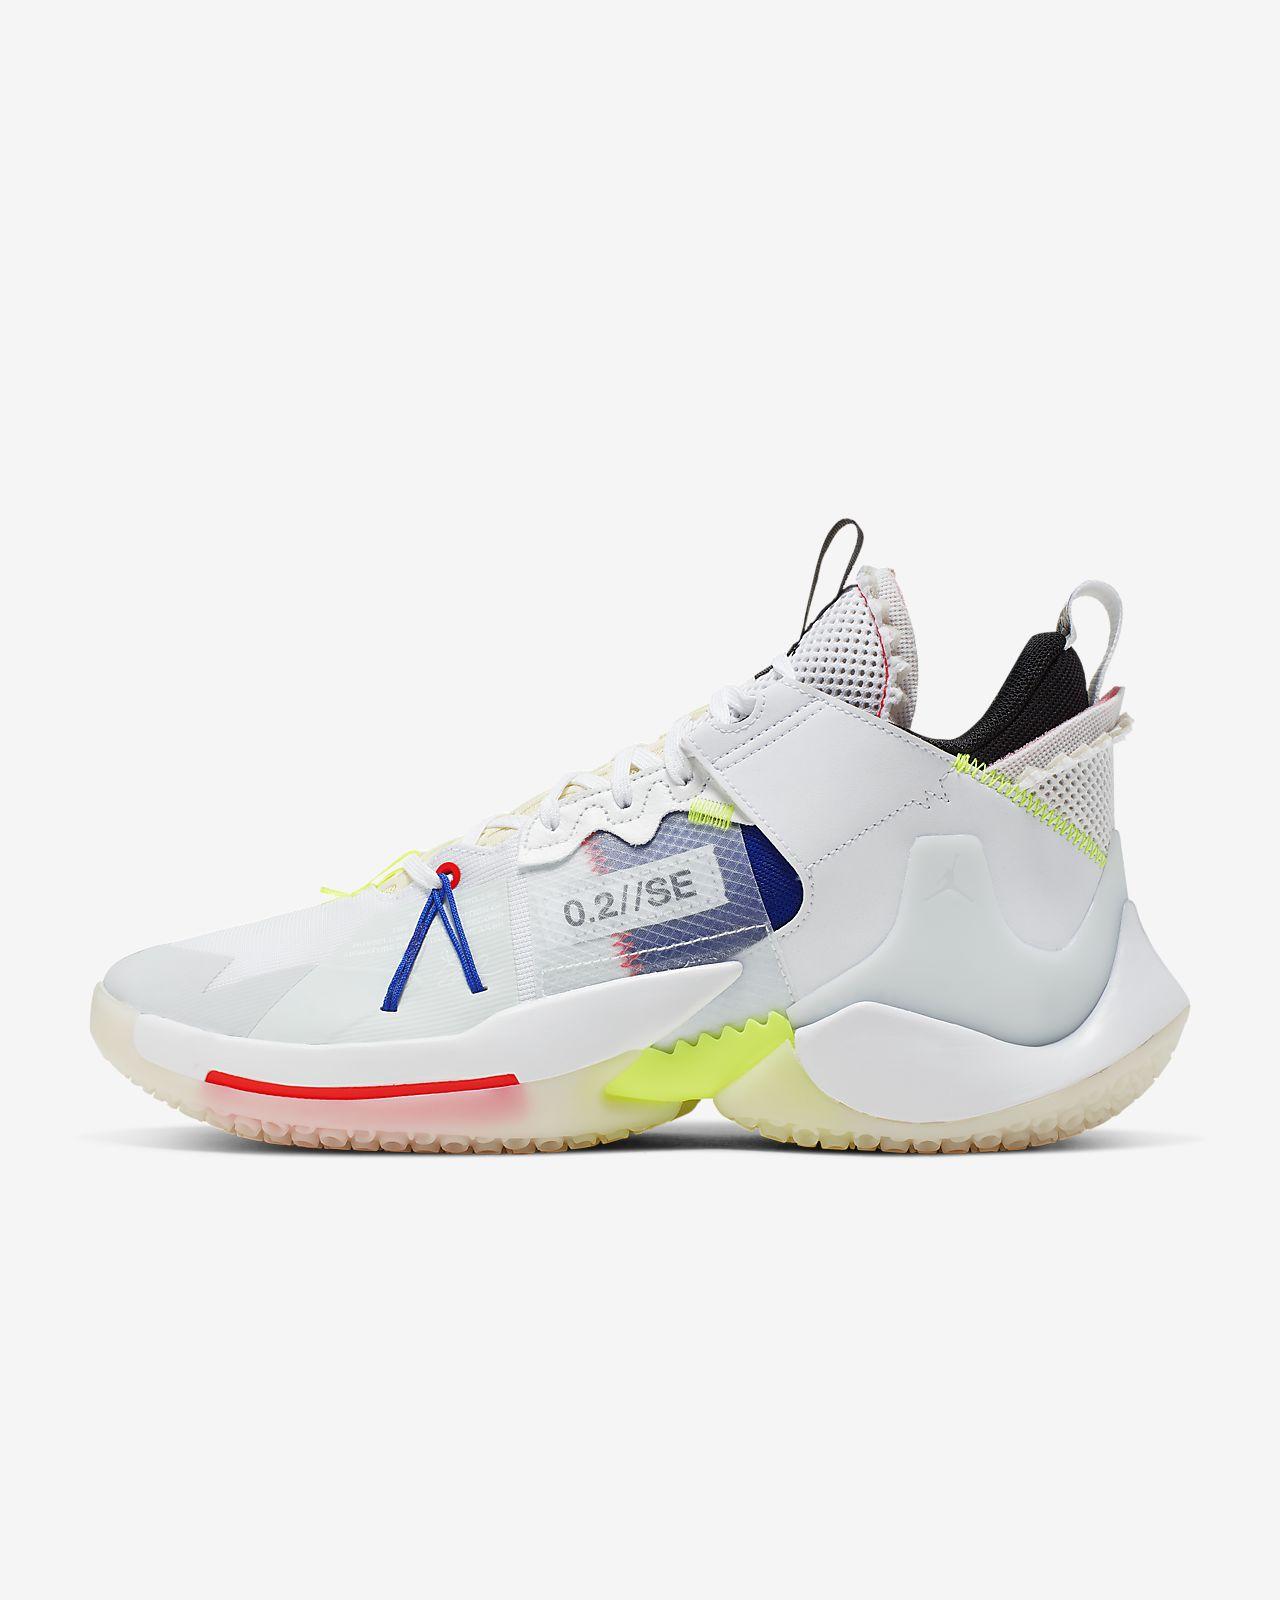 en soldes ac3ea e1316 Chaussure de basketball Jordan